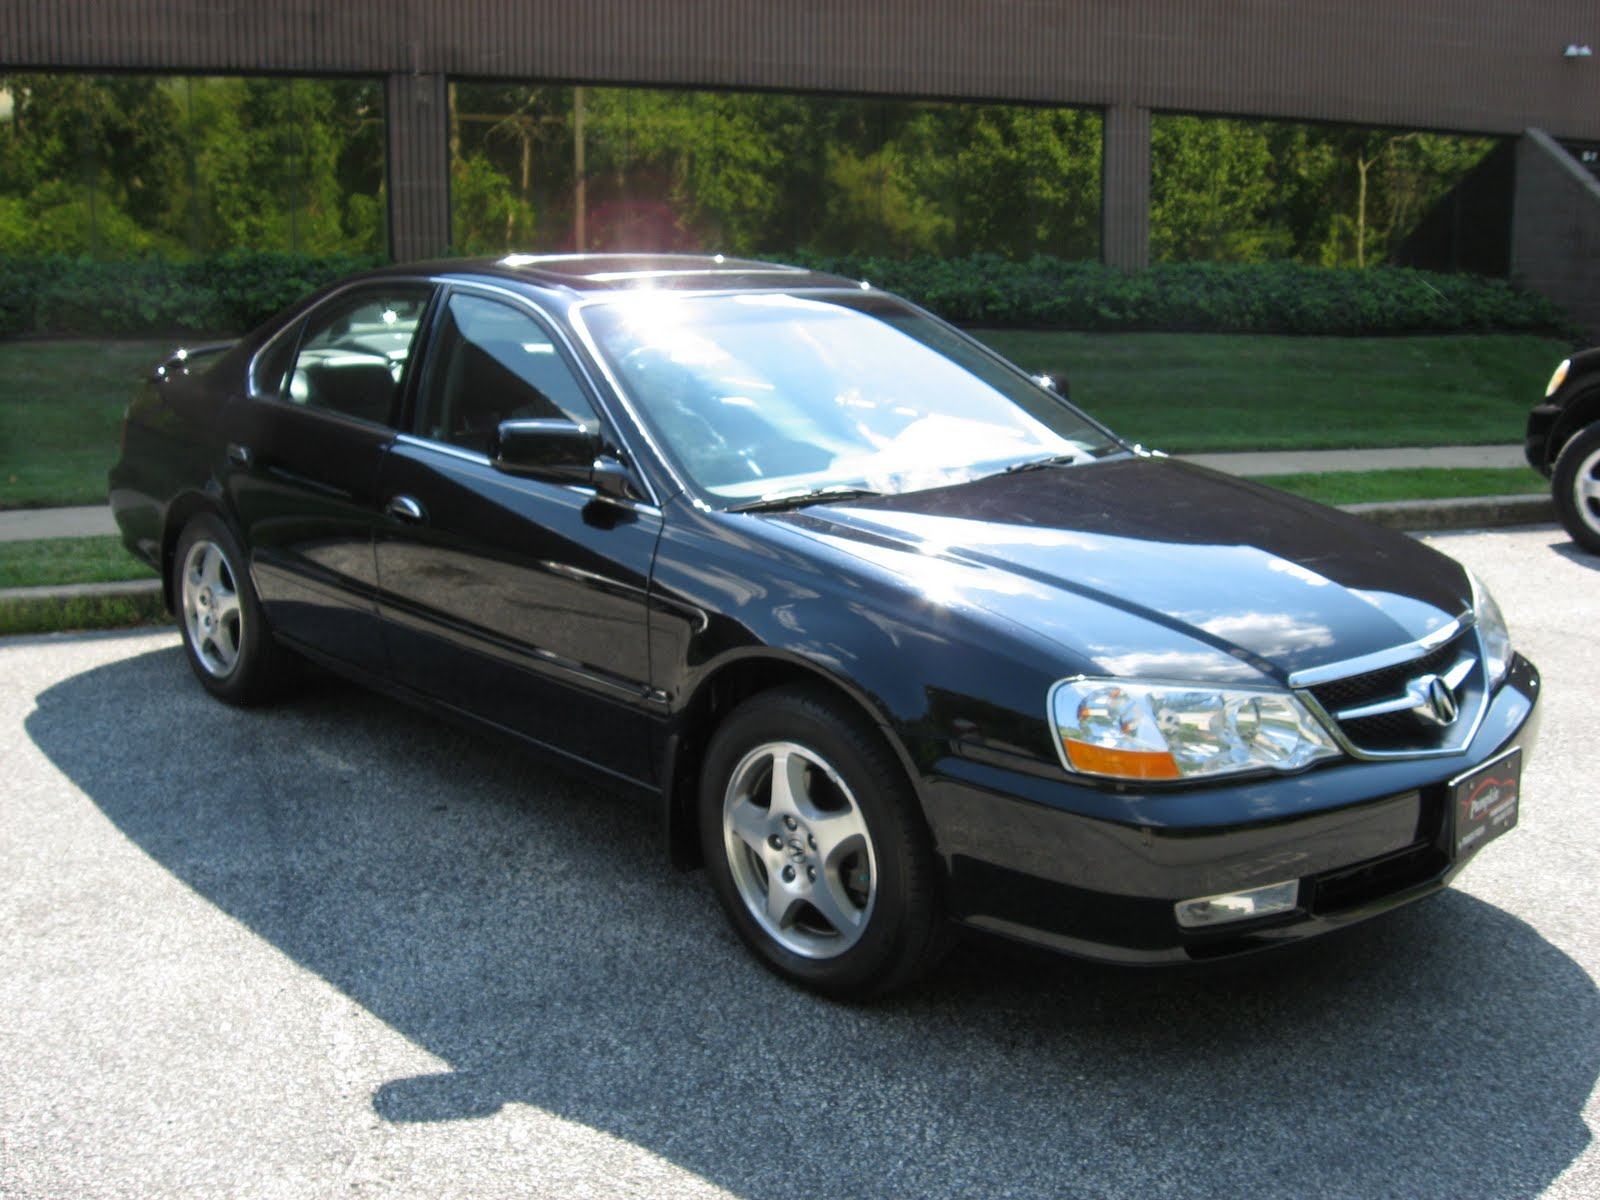 Pumpkin Fine Cars and Exotics: 2002 Acura TL 3.2